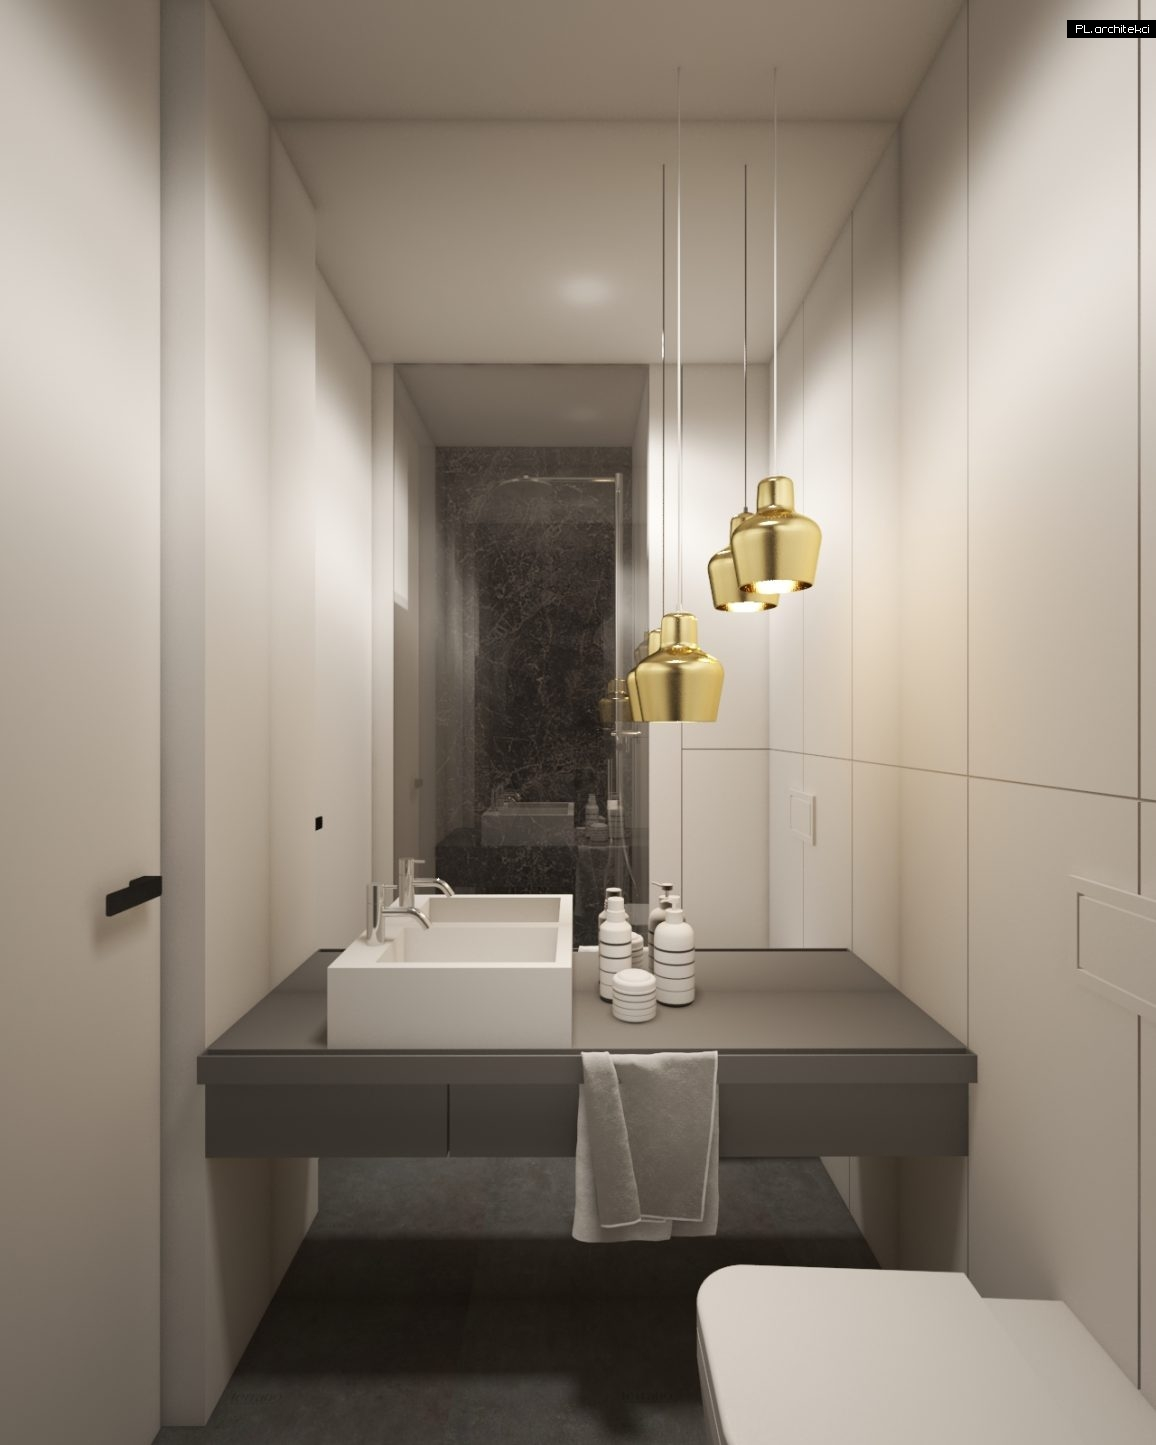 Nowoczesne wnętrze mieszkania | Poznań